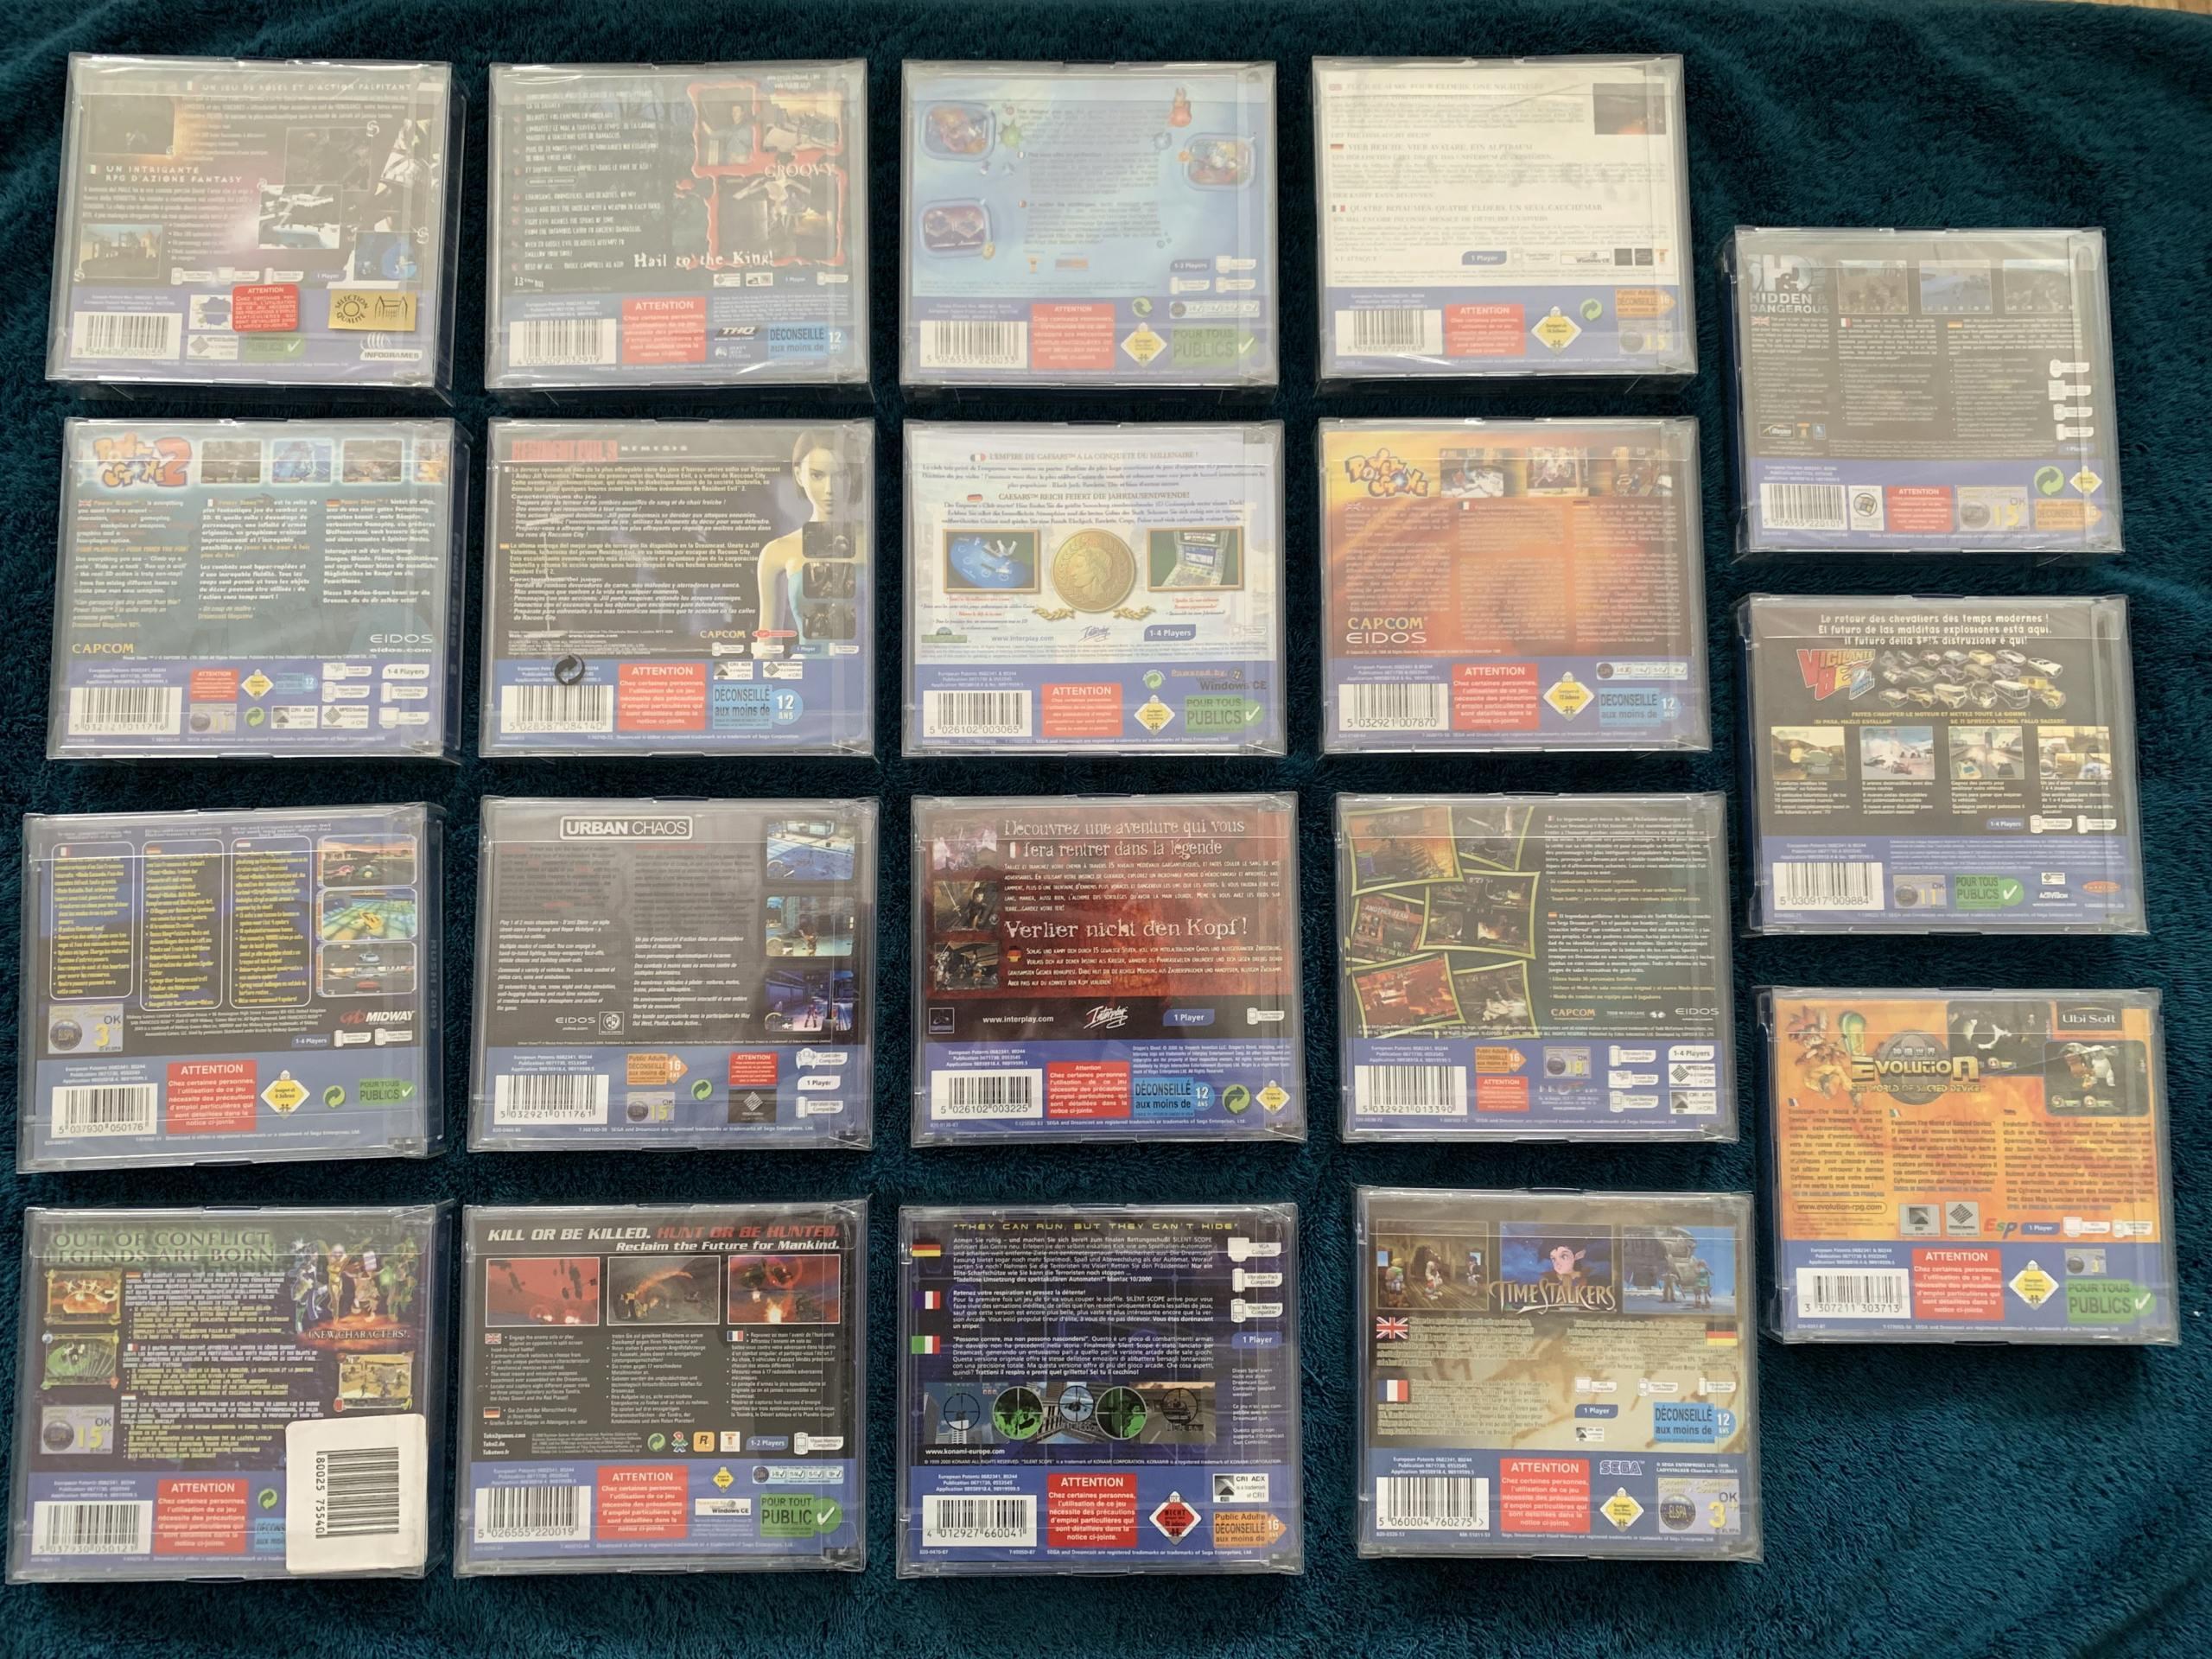 [VENDU] Fullset Jeux Dreamcast, Accessoires, Promo, Rigides... - 350 pièces - NEUF SOUS BLISTER 010_fu10